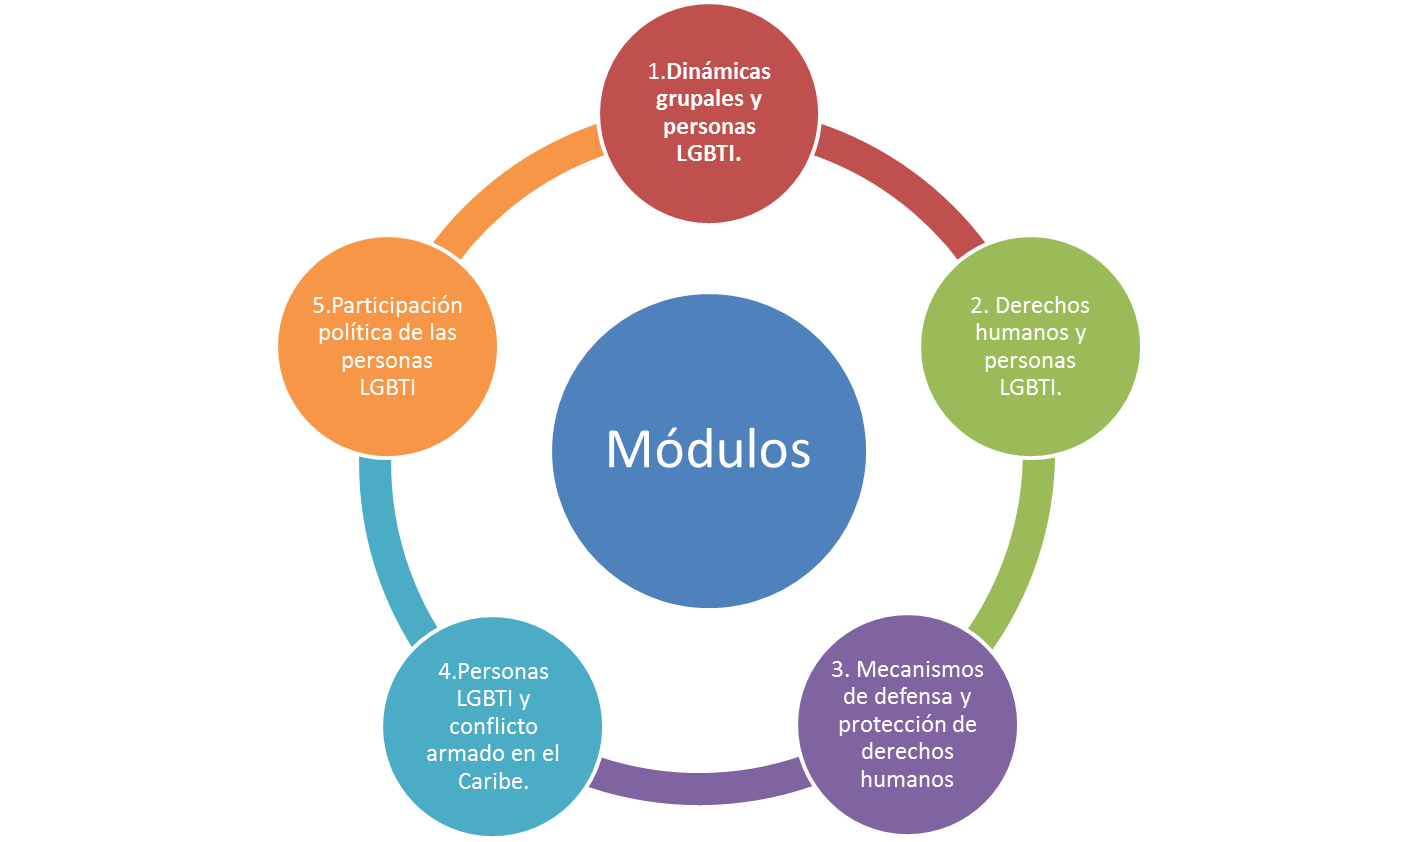 Gráfico 1. Módulos de trabajo escuelas de formación. Fuente: Elaboración equipo de trabajo de Caribe Afirmativo.